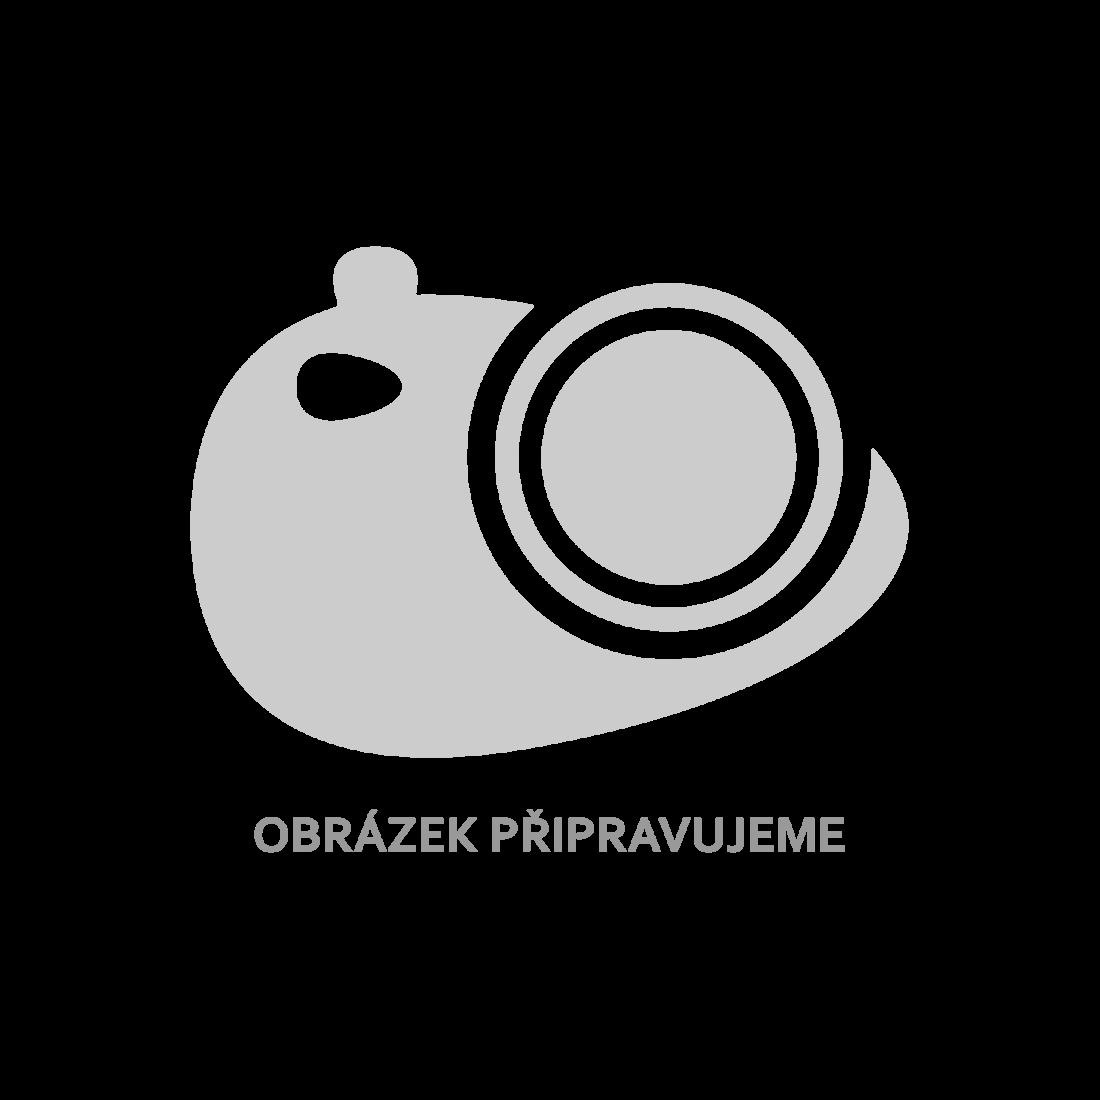 vidaXL Rám postele s nebesy 2 zásuvky masivní borovice 100 x 200 cm [3060538]